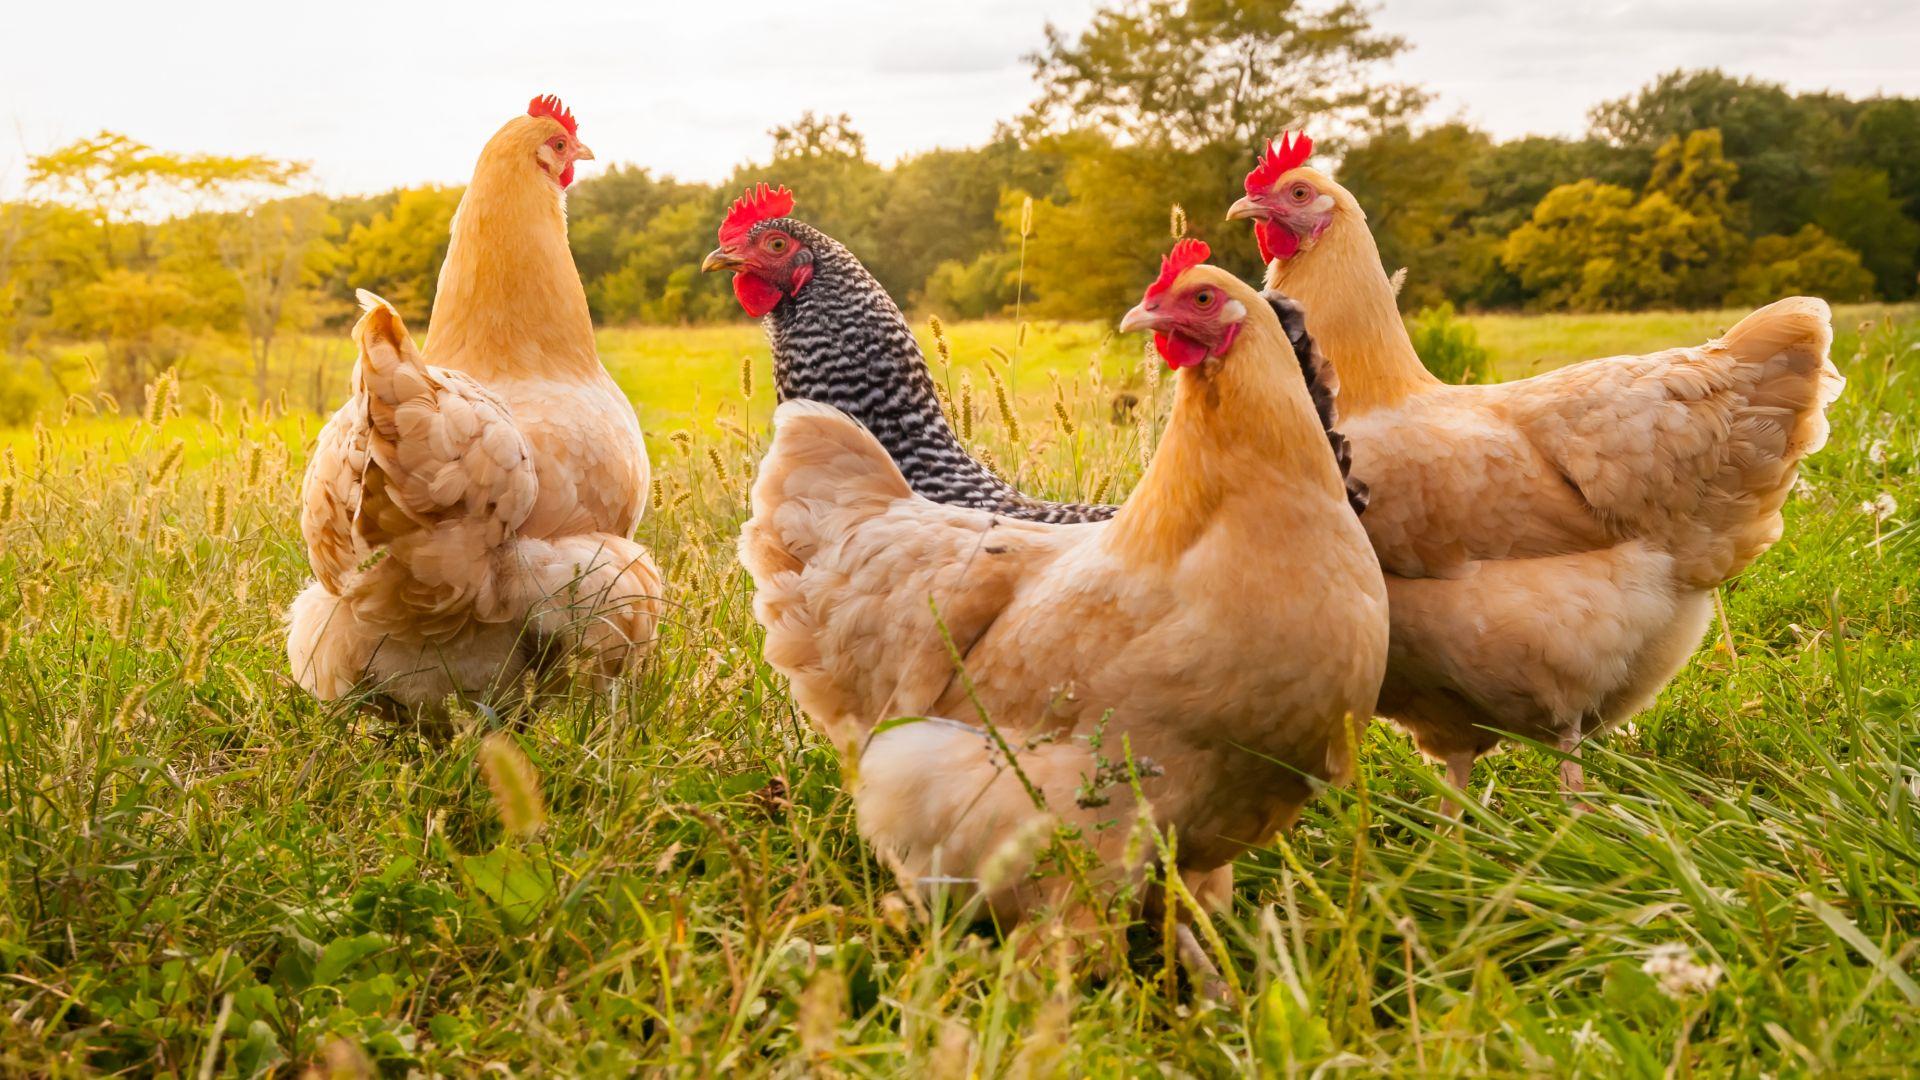 Проучване: 70% генетично сходство между хората и кокошките